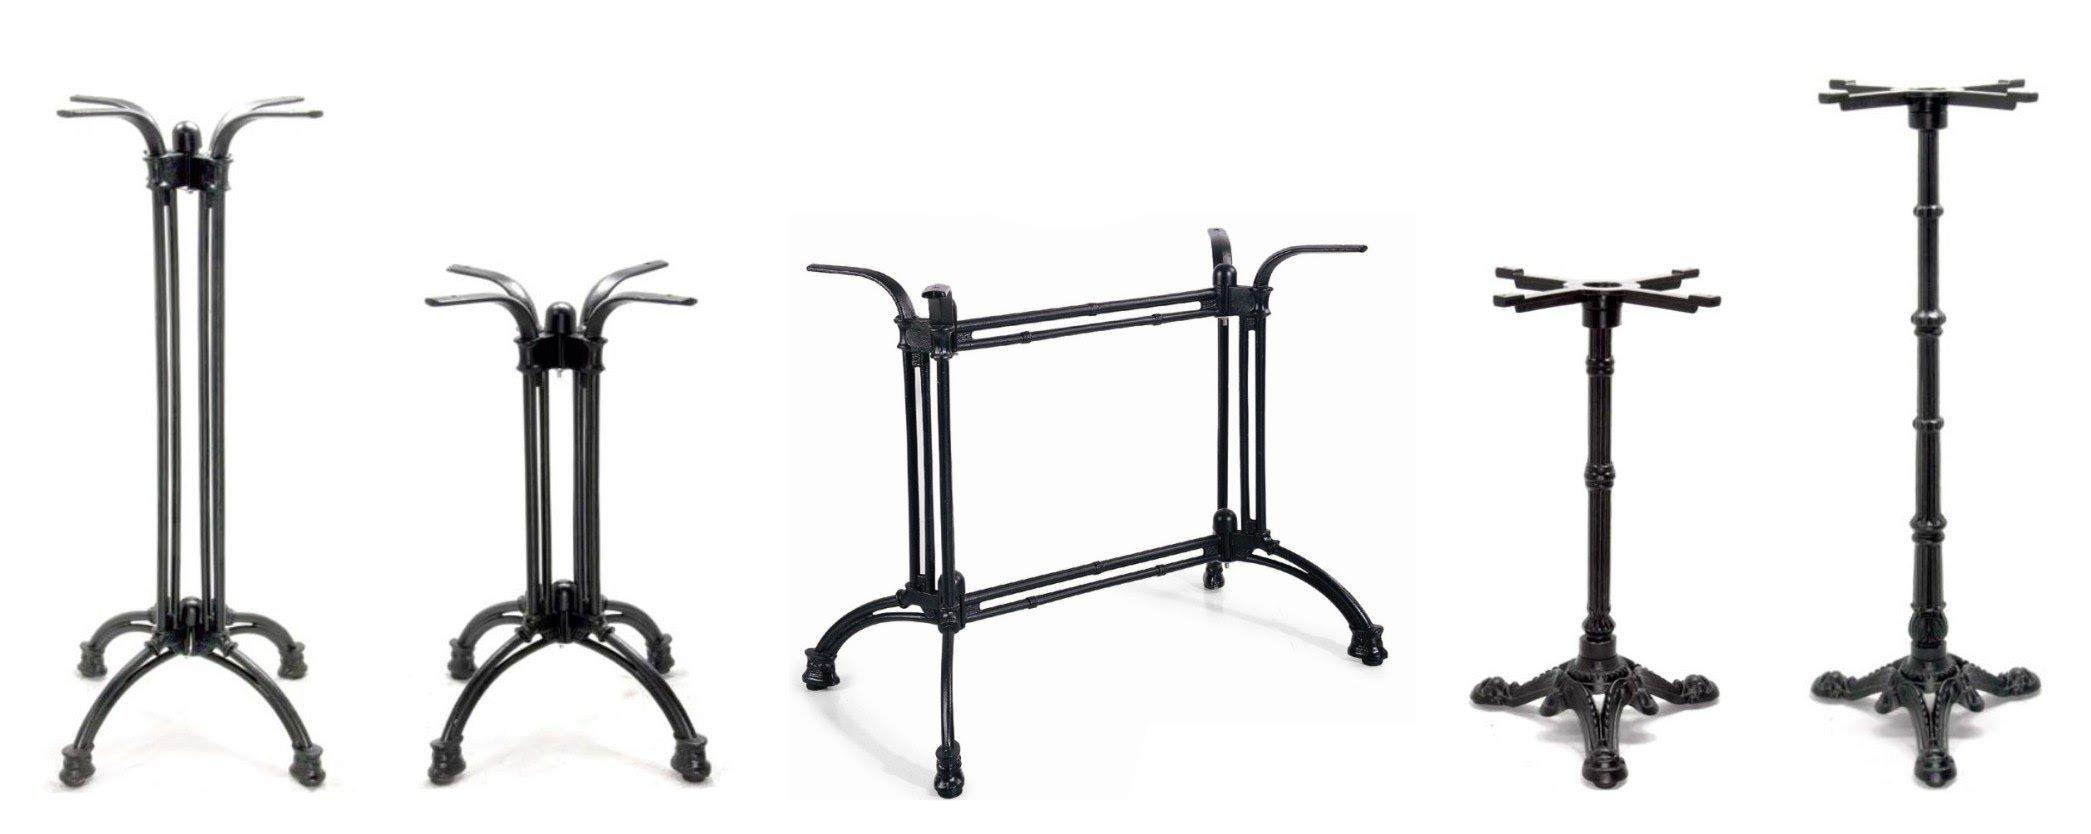 Ноги для столов. Опоры мебельные.